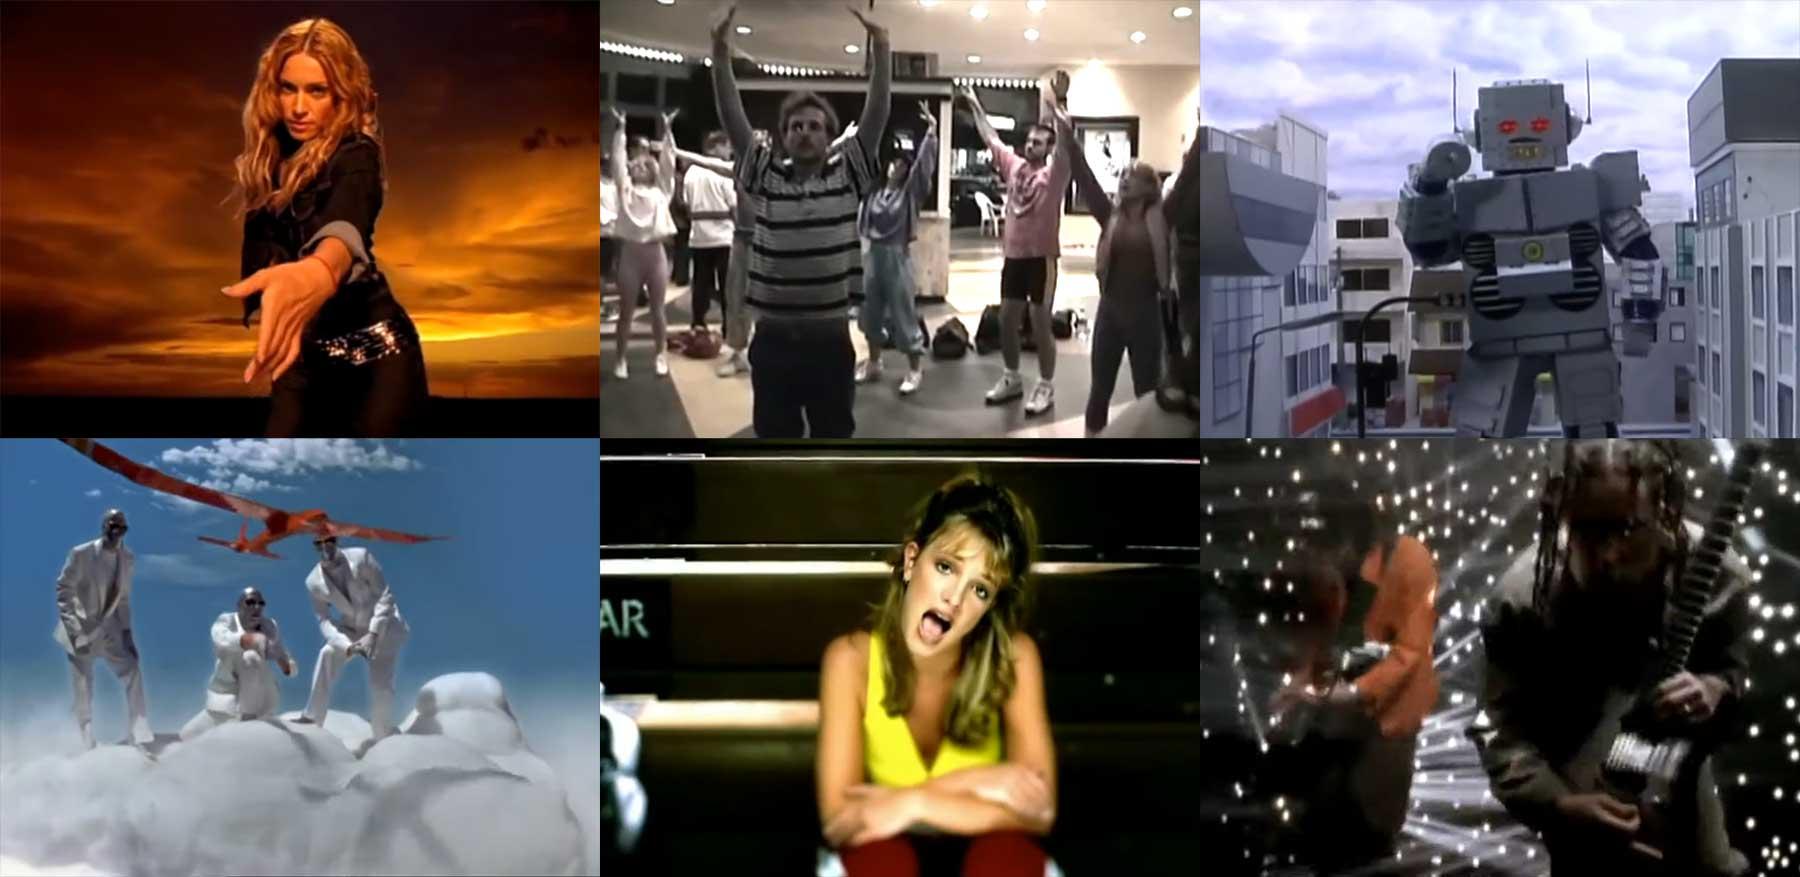 Mashup: Die besten Songs des Jahres 1998 im 3:19-Minuten-Mix 1998-jahresmix